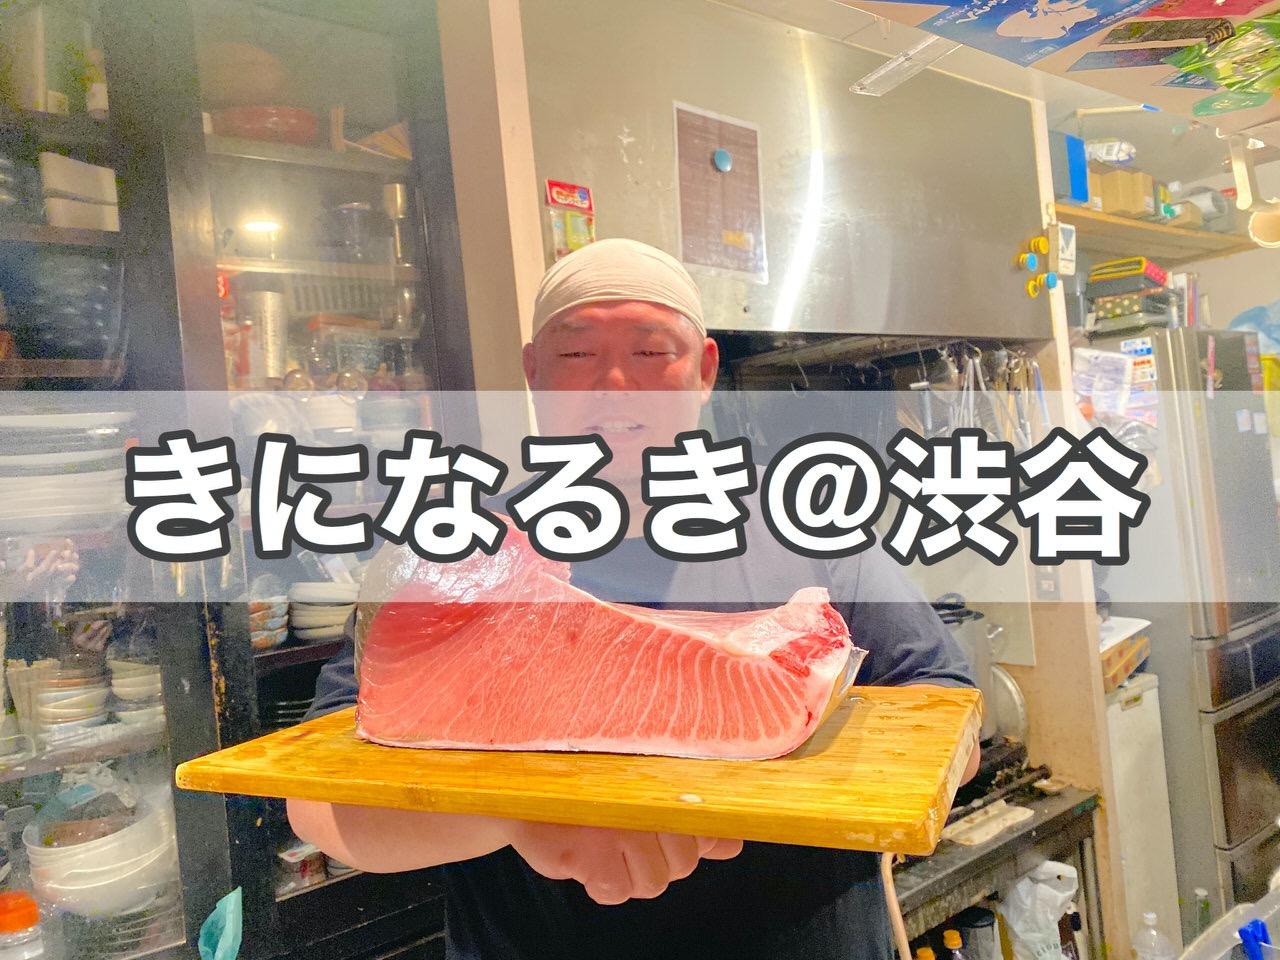 渋谷の隠れ家「きになるき」熟成マグロと旬の食材と芋焼酎ハイボール【予約方法】